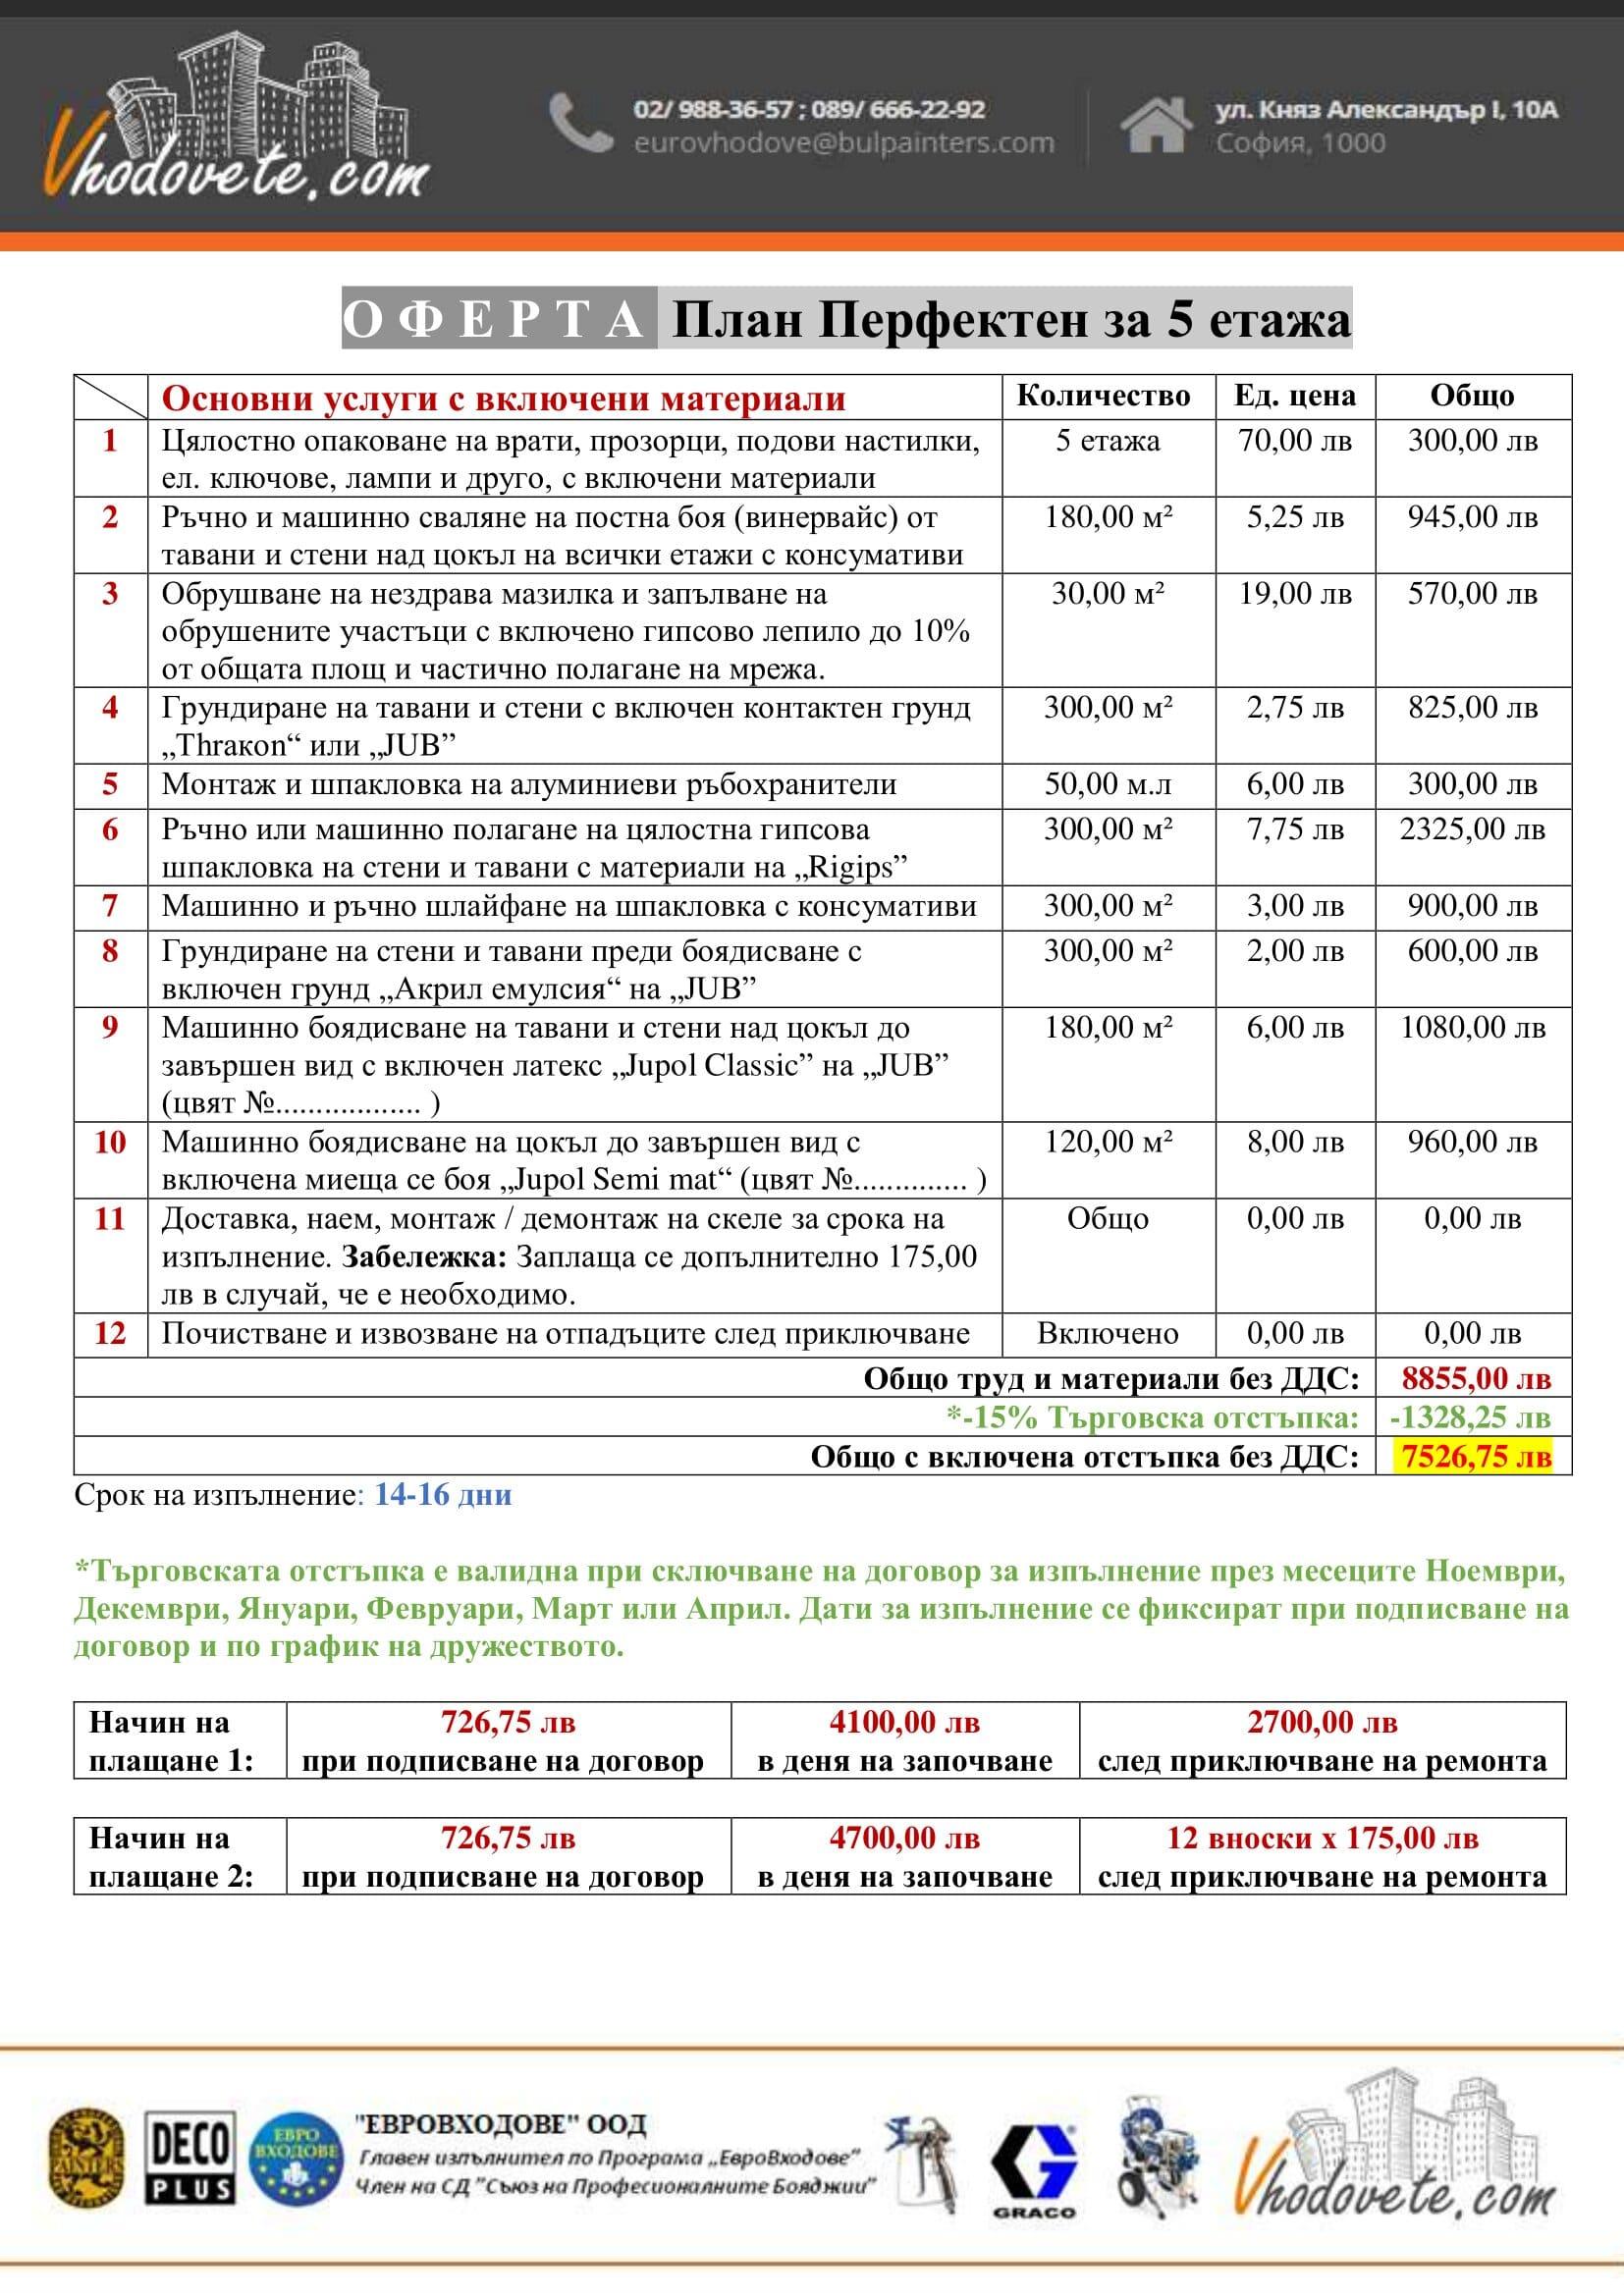 4-Oferta-za-5-et-Perfekten-01102020